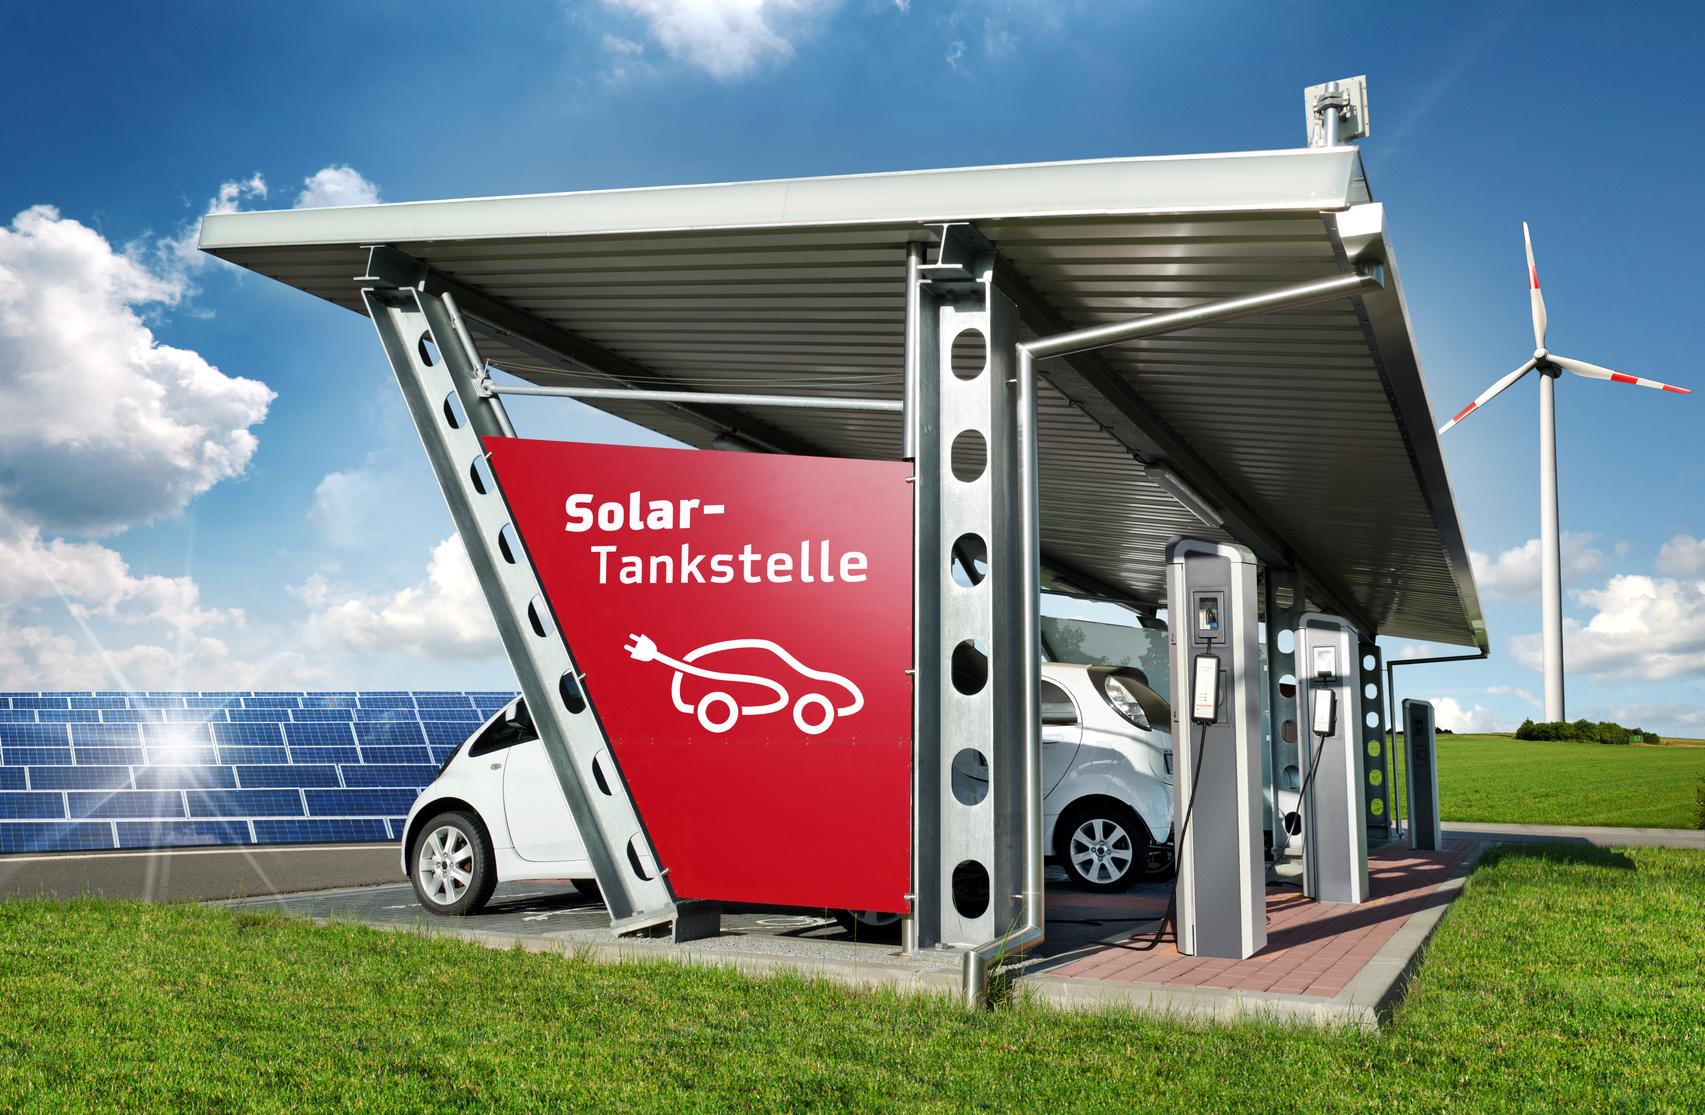 Moderne Solartankstelle Carport mit Solarenergie in Natur